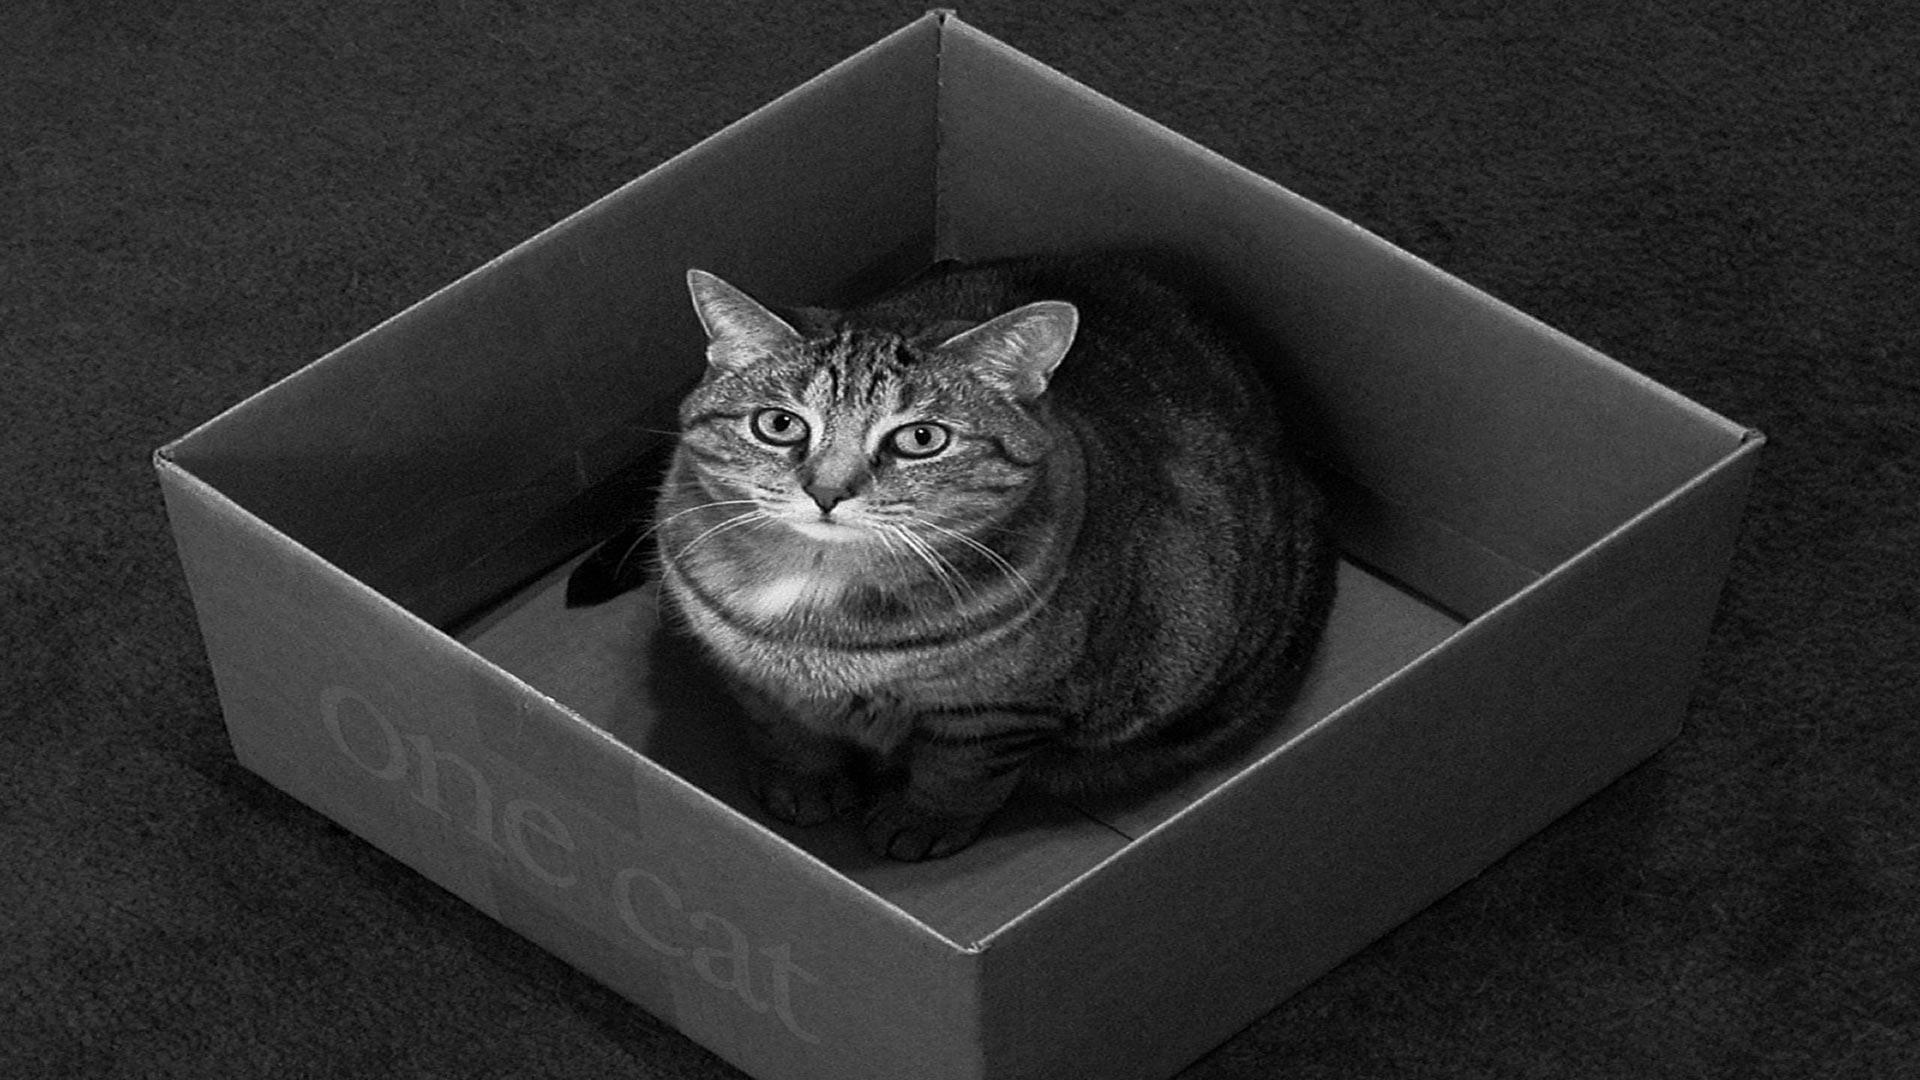 Обои Кот в коробке, картинки - Обои для рабочего стола Кот ...